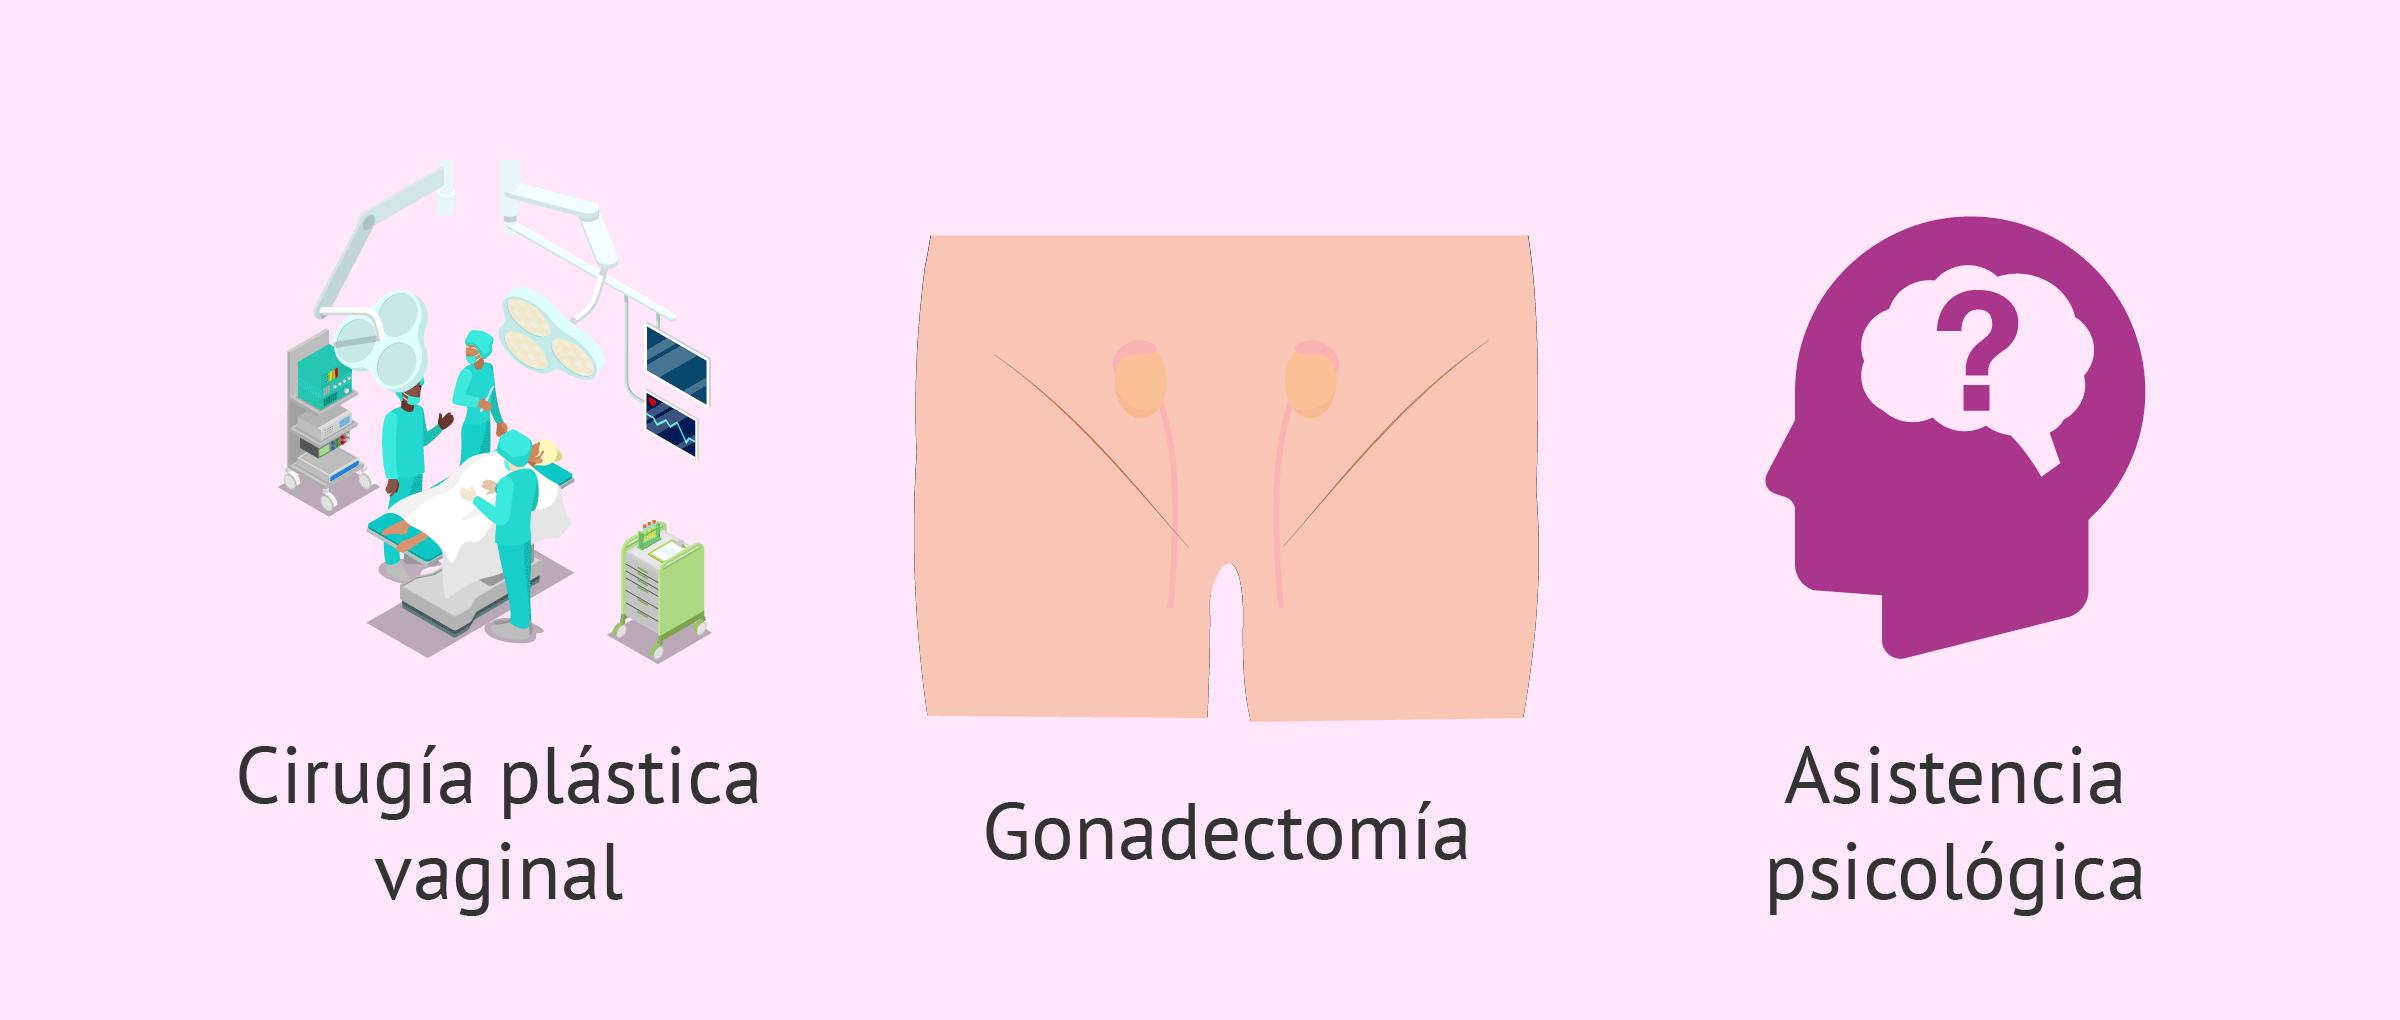 Alargamiento de la vagina